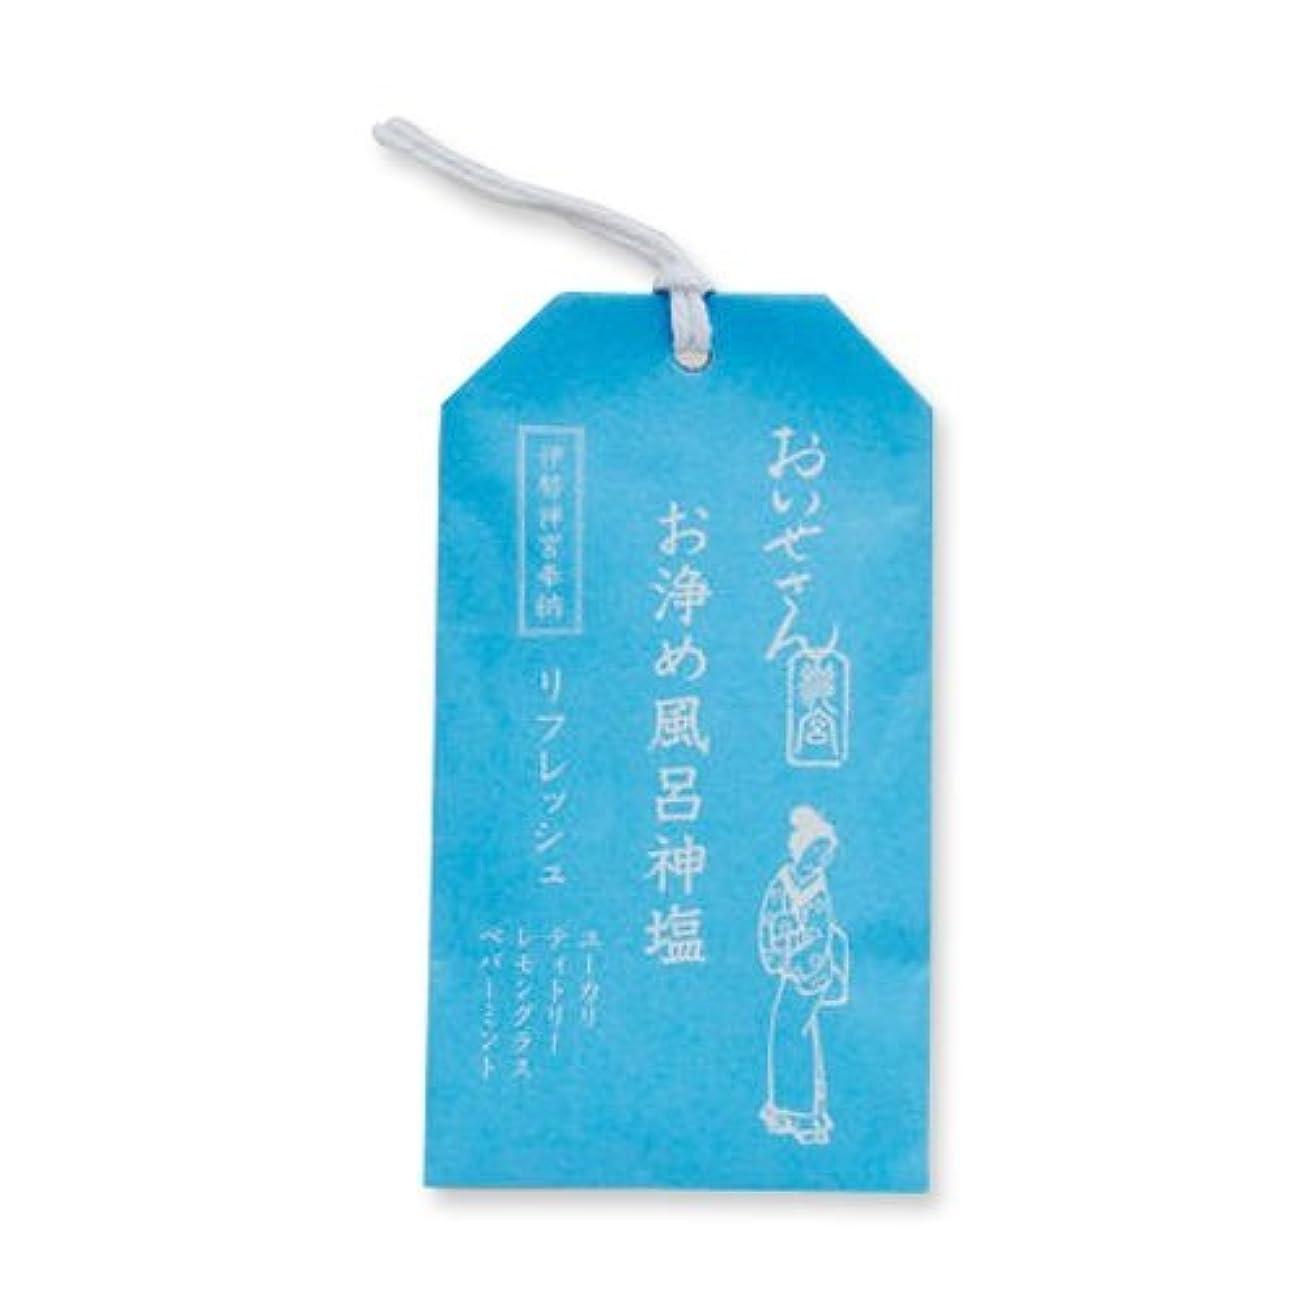 騒乱想定する甘いおいせさん お浄め風呂神塩 バス用ソルト(リフレッシュ) 20g